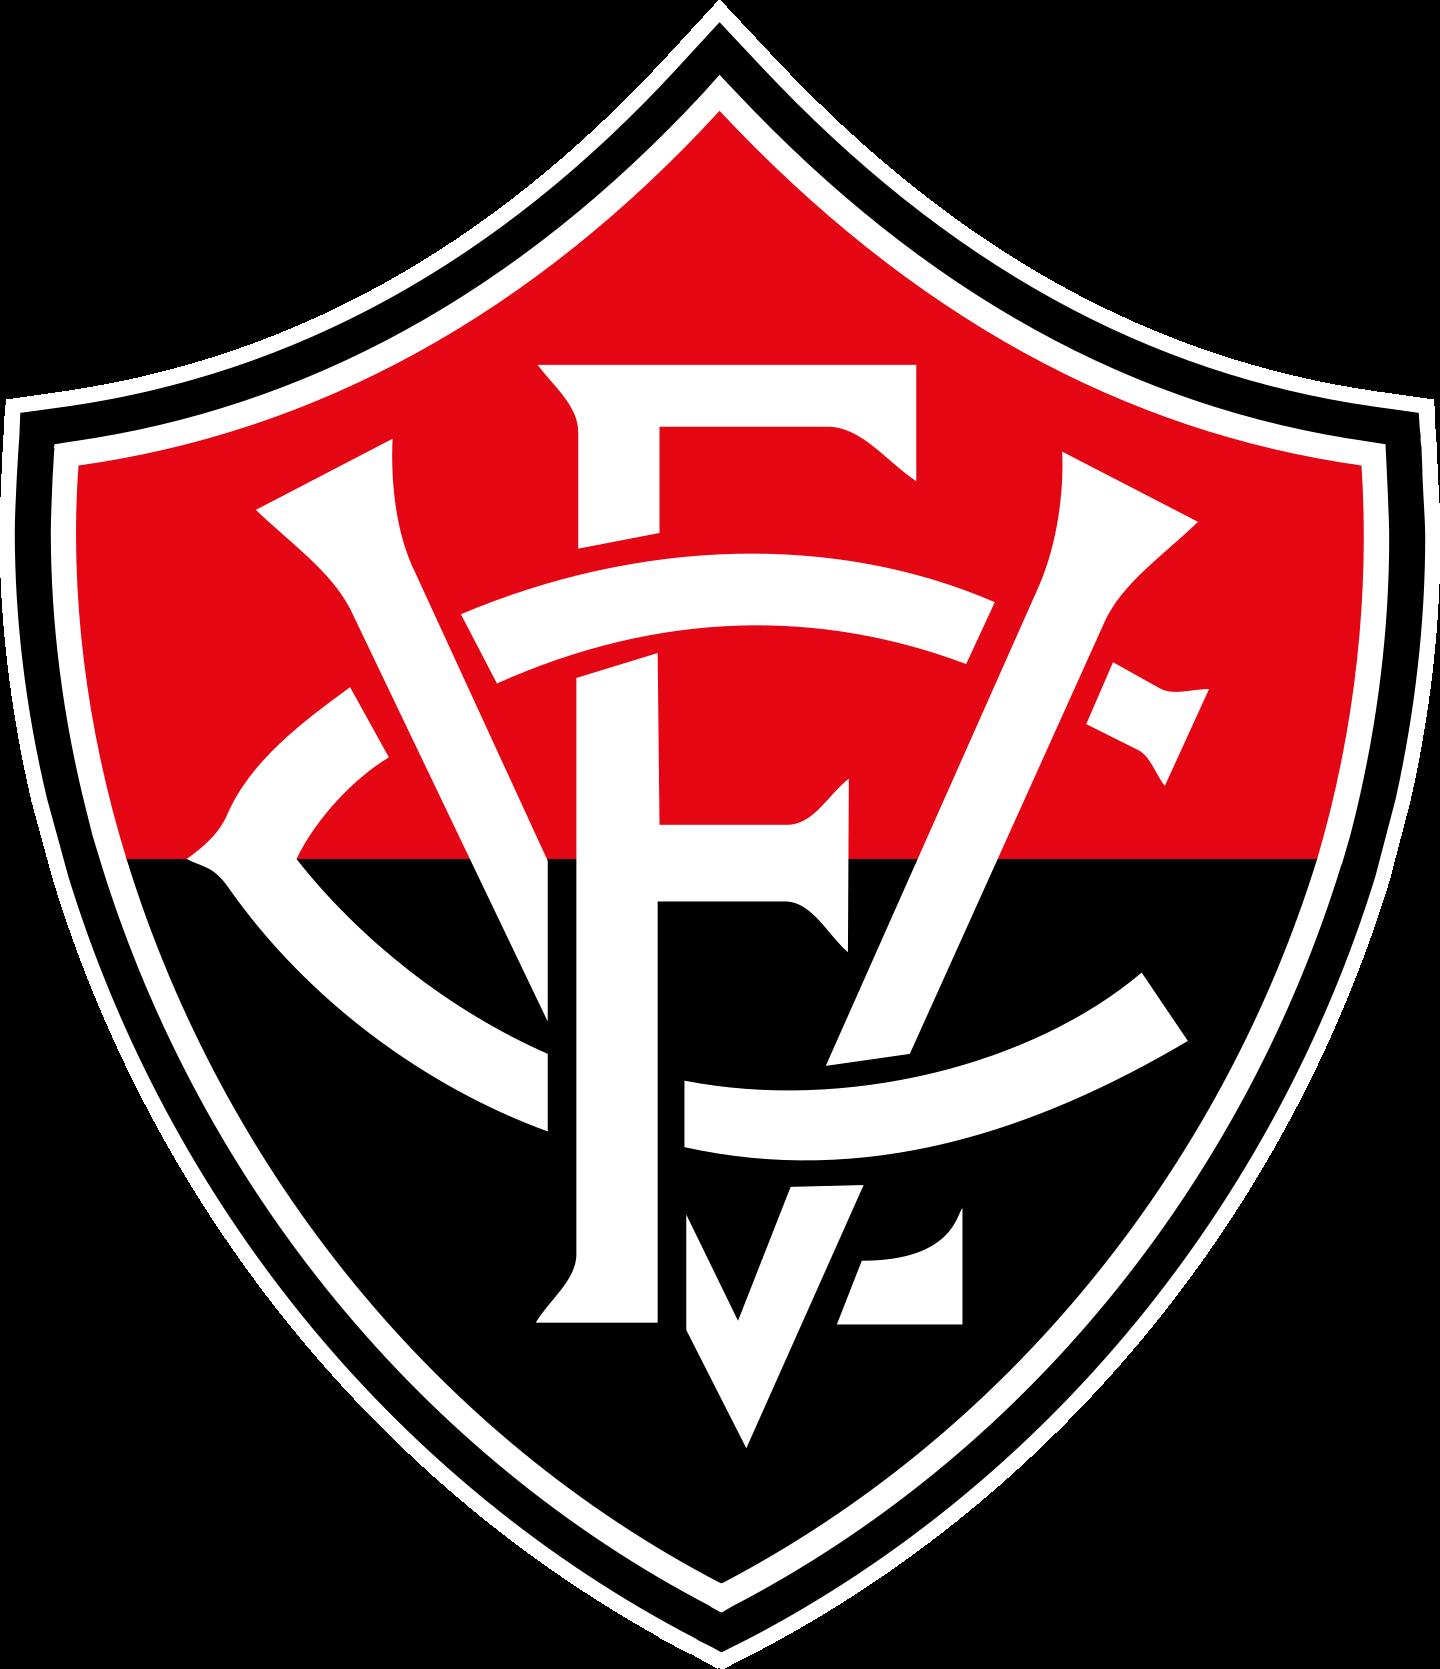 ec vitoria logo 2 - Esporte Clube Vitória Logo